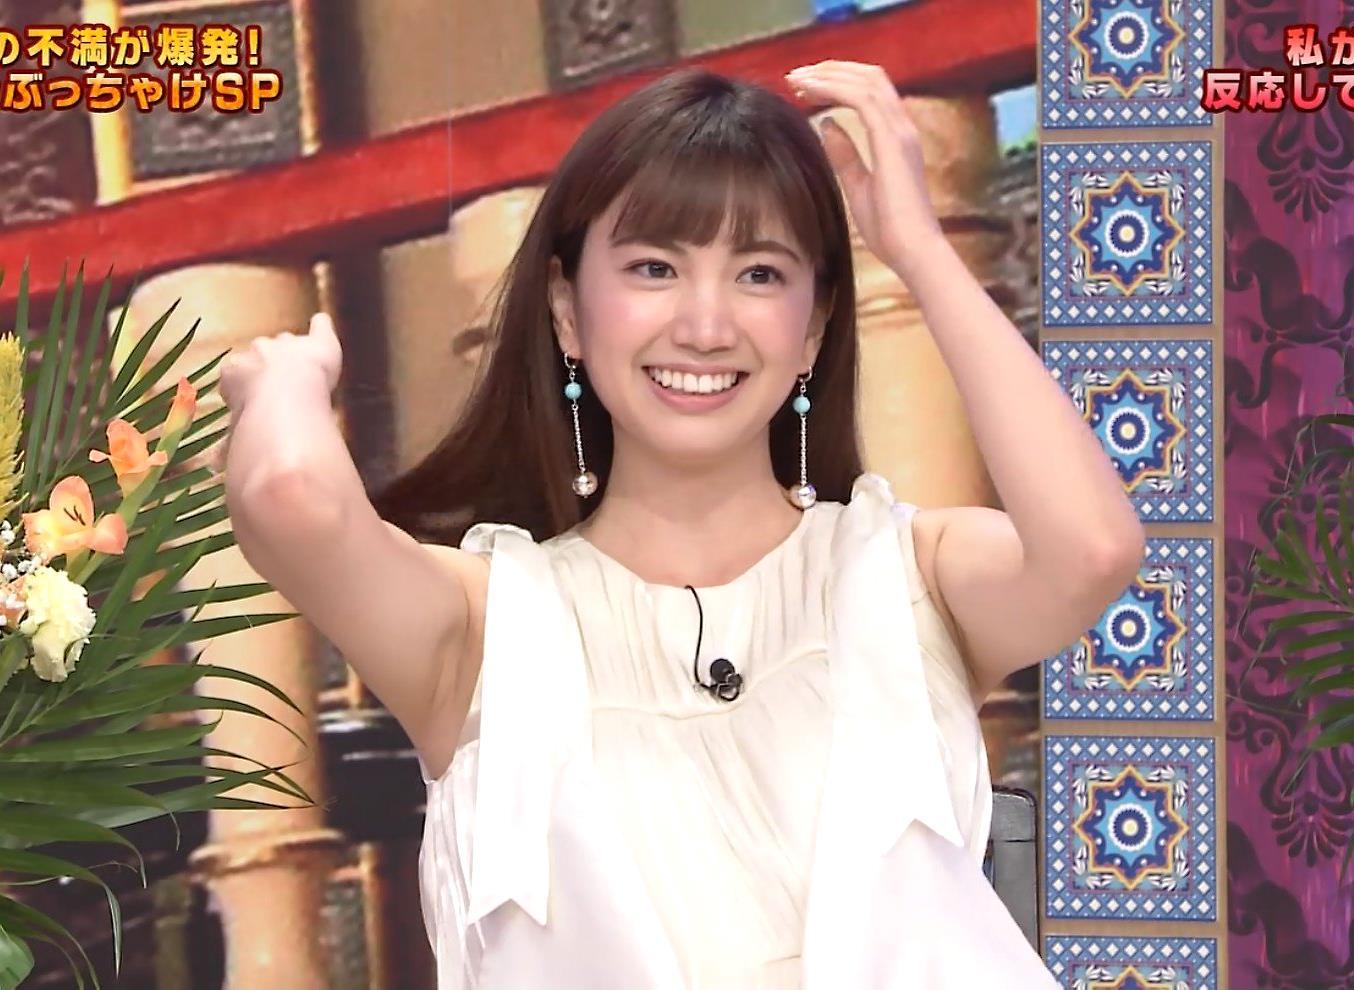 源藤アンリの腋見せキャプ (1)